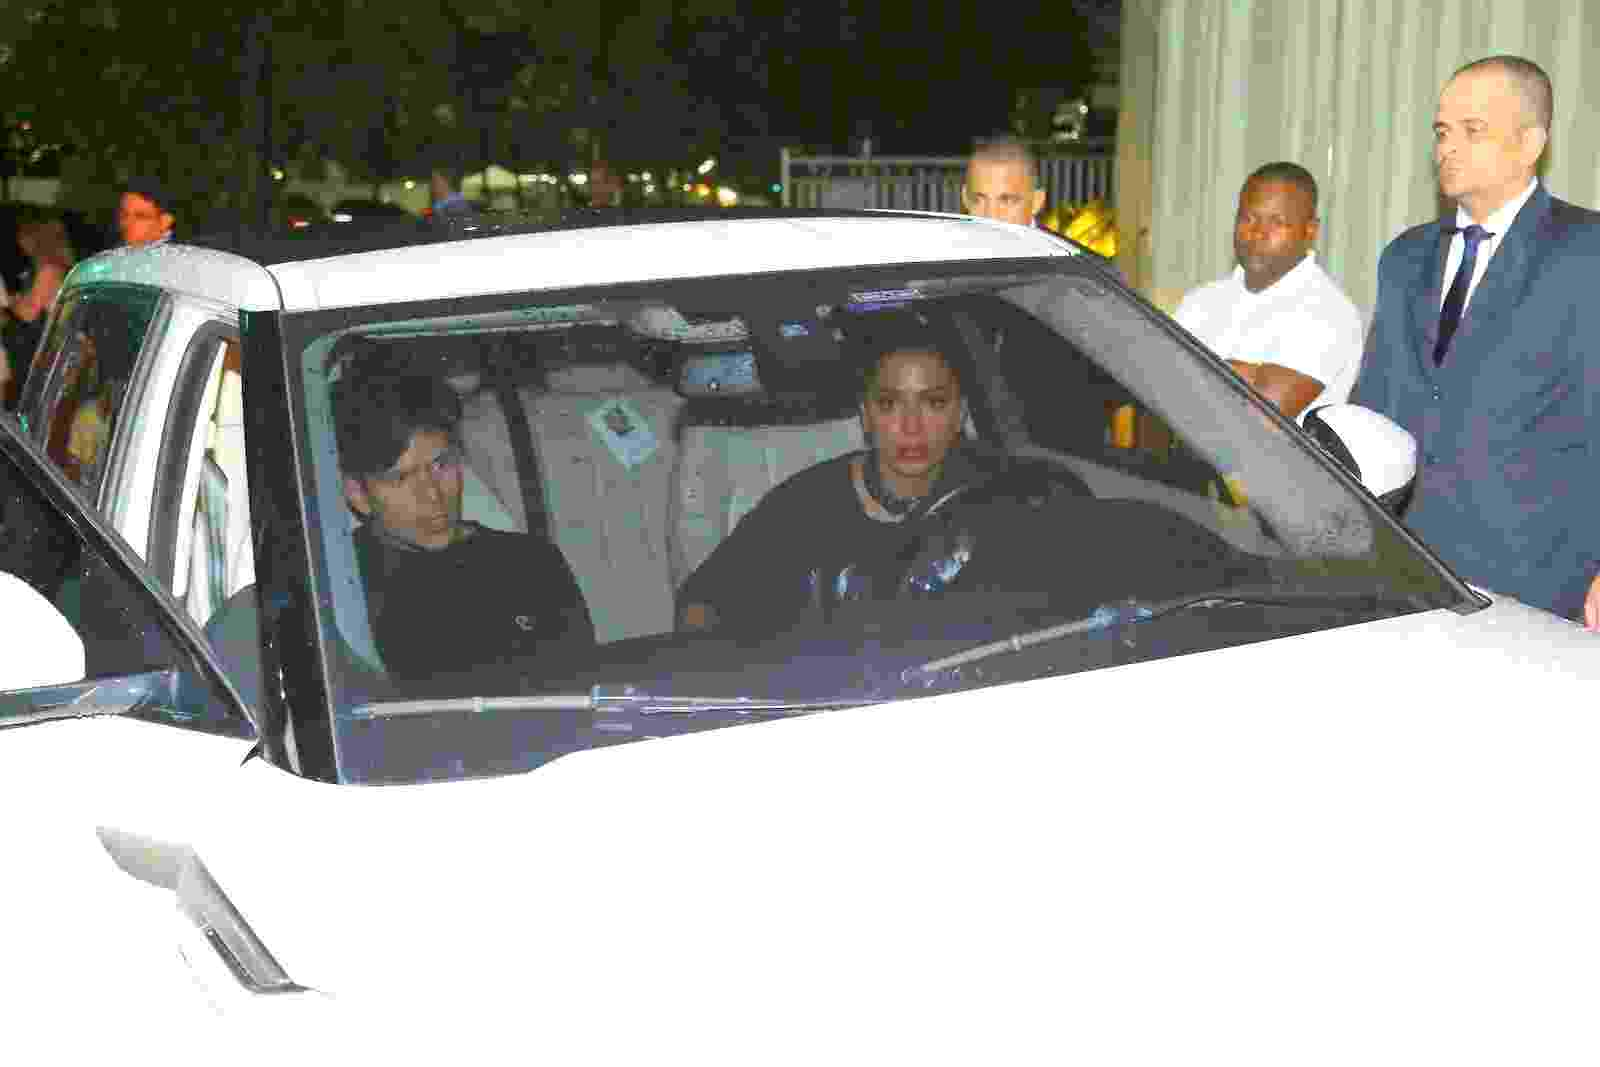 Anitta deixa festa no Hotel Fasano acompanhada do músico Rudy Mancuso, que abriu o show de Justin Bieber no Brasil - Marcello Sá Barretto e Gabriel Rangel/AgNews